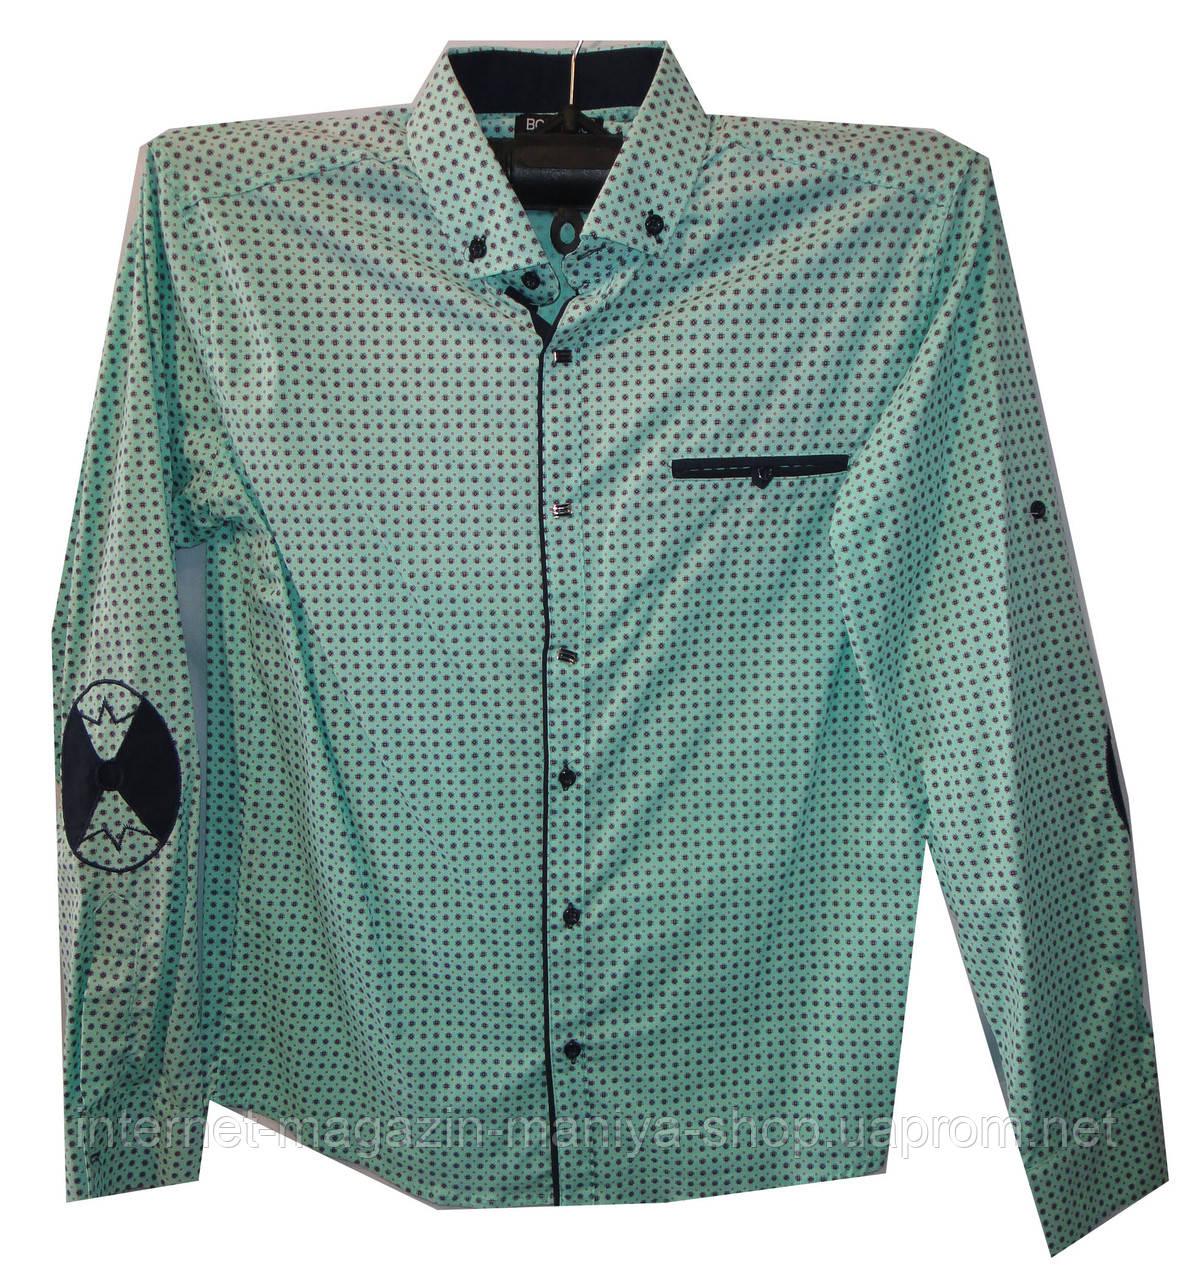 Рубашка мужская мелкий принт локотки карман трансформер (деми)